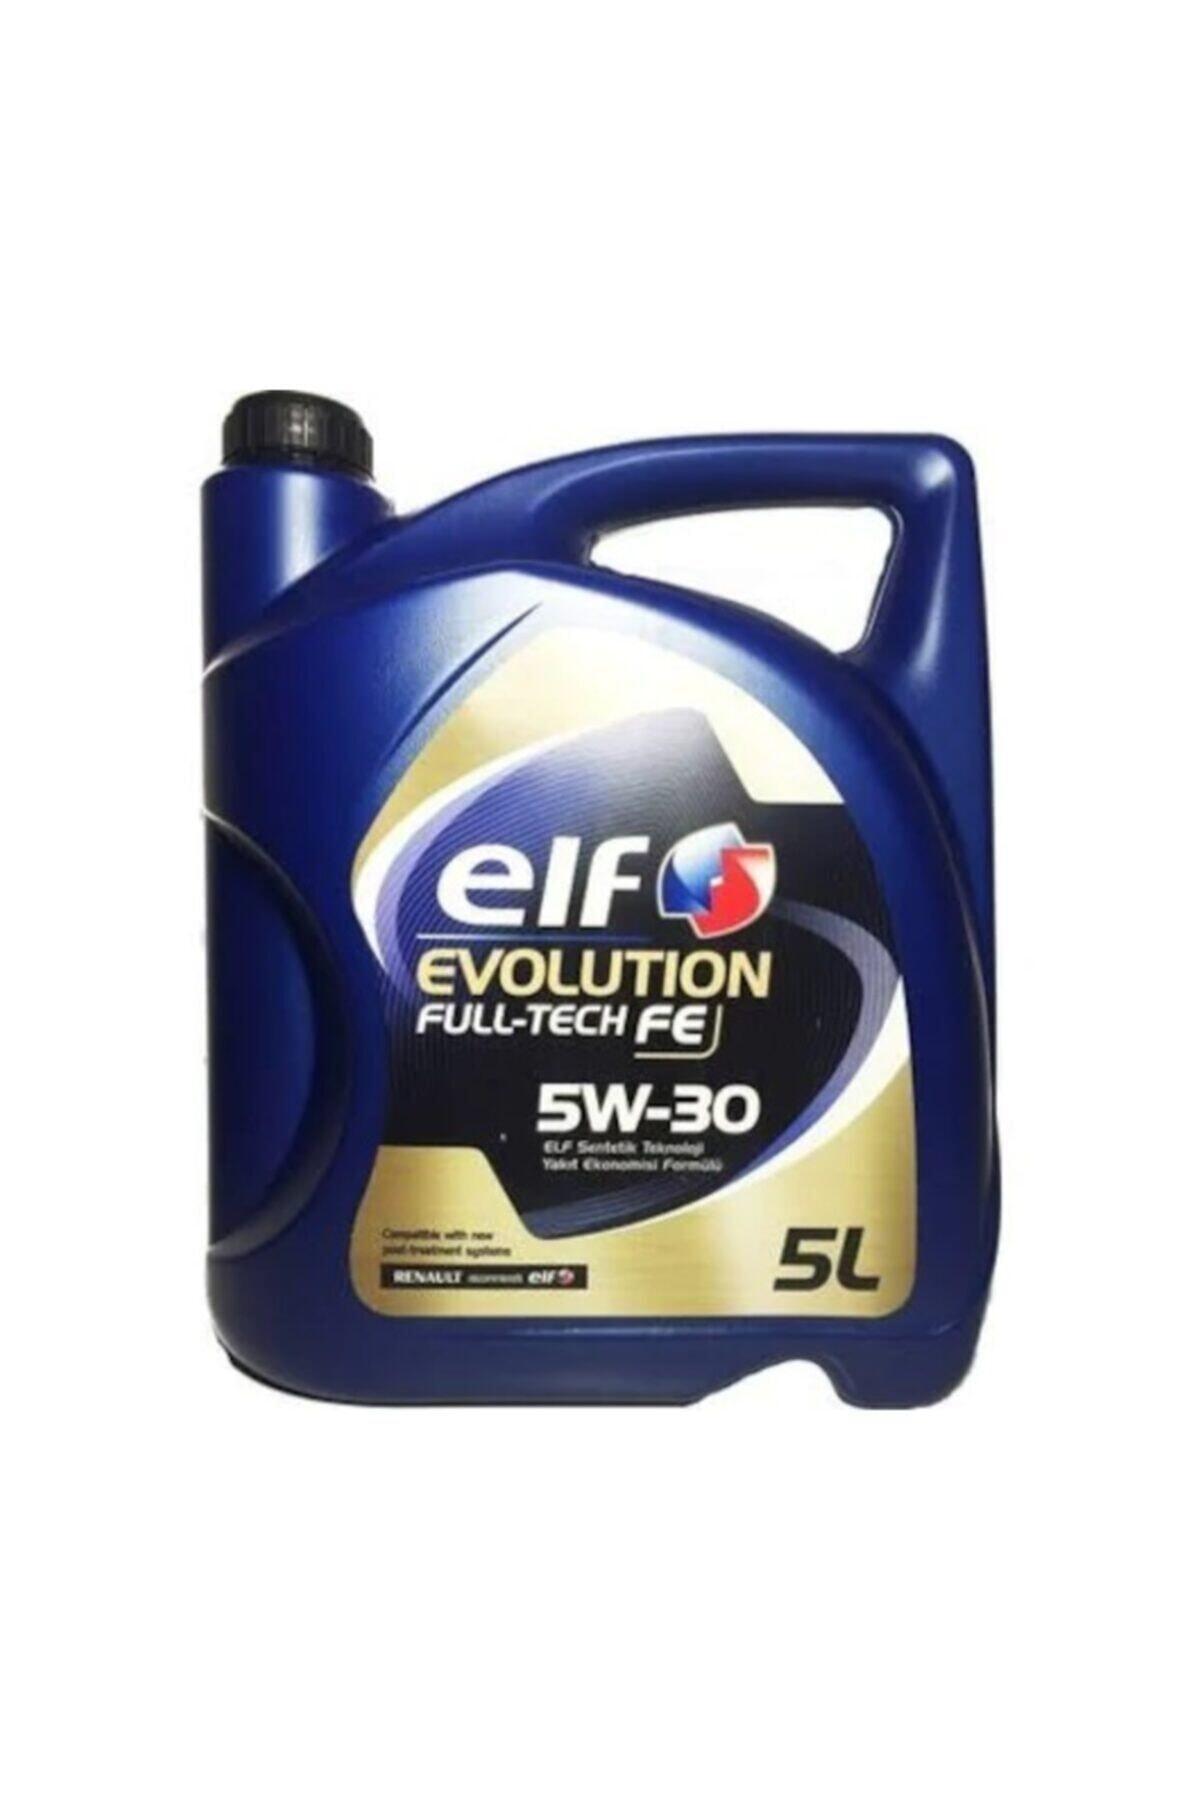 ELF Evolution Full-tech Fe 5w-30 5 Lt Partiküllü-ürt: 2020 1